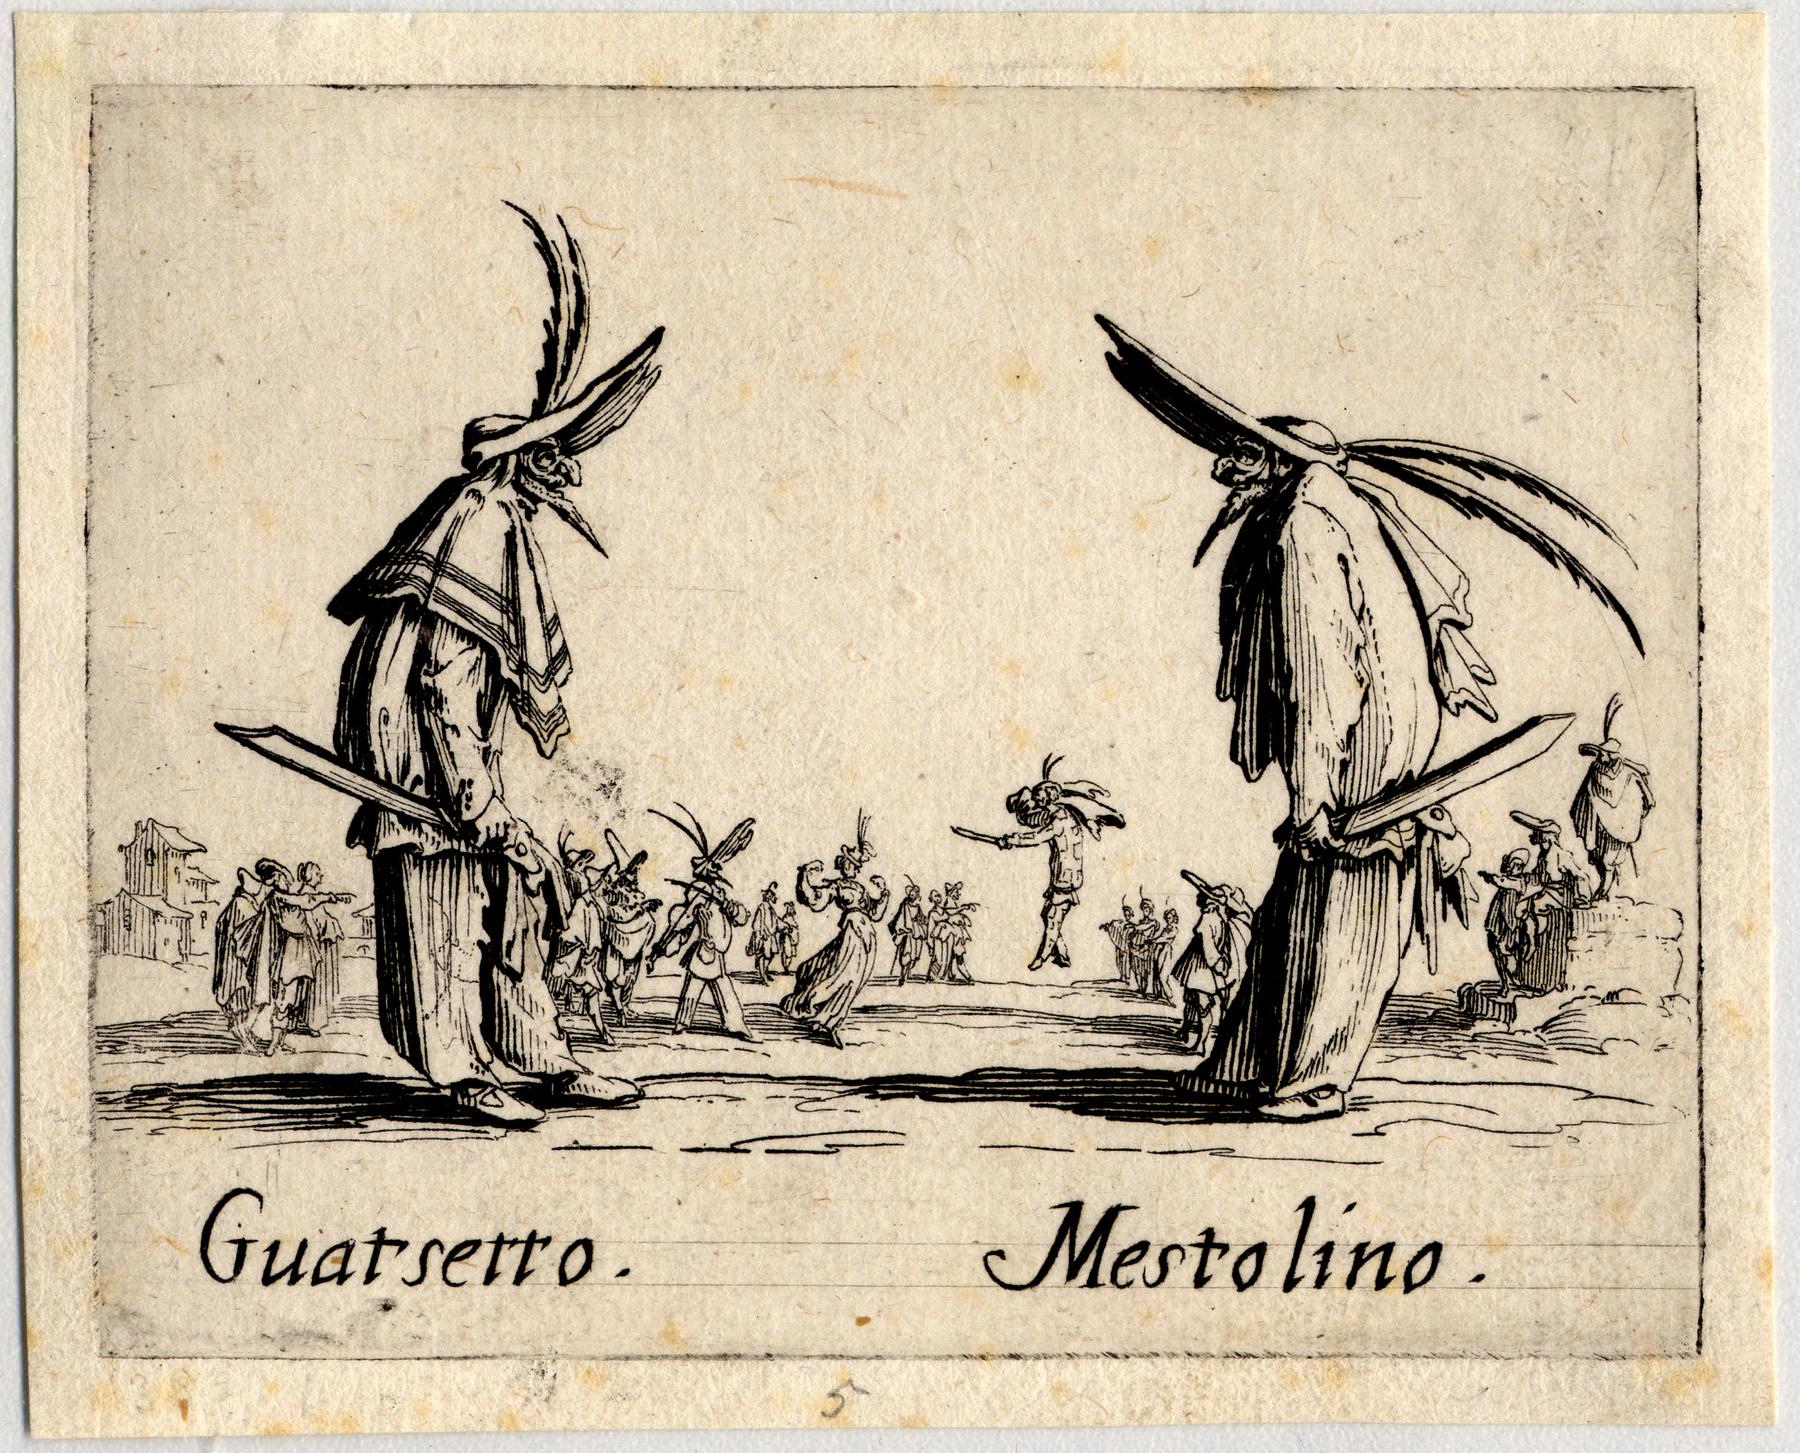 Contenu du Balli di Sfessania : Guatsetto, Mestolino